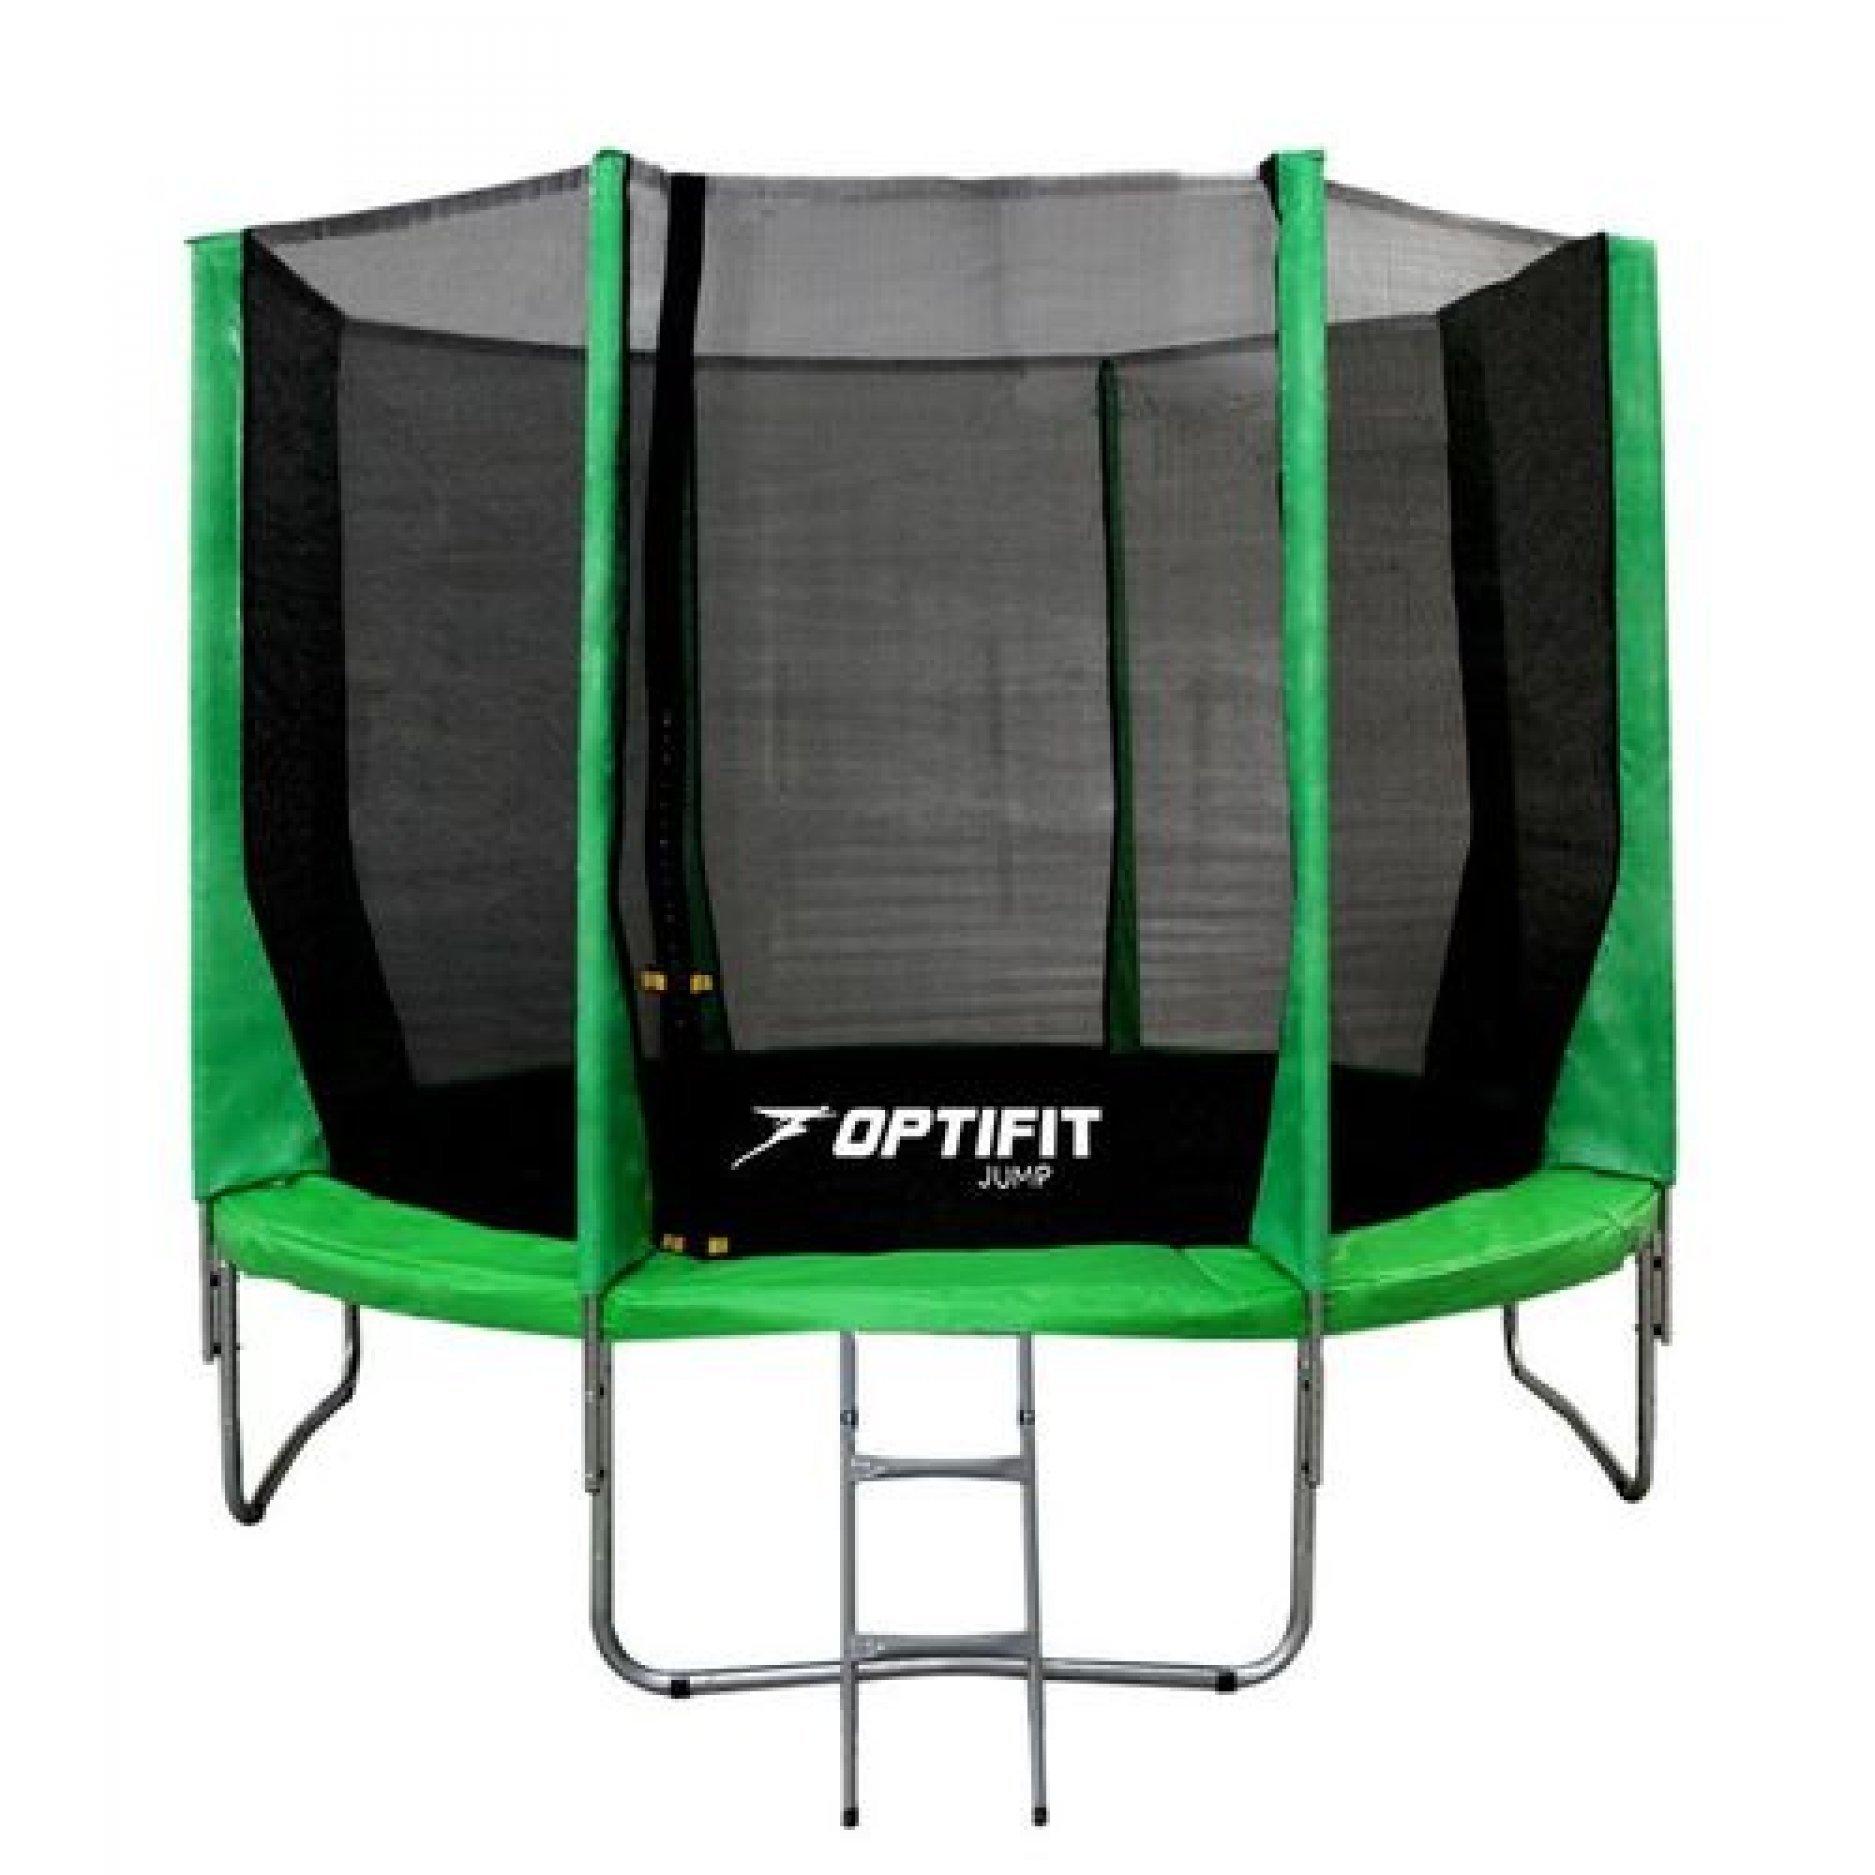 Батут OPTIFIT JUMP 14FT зеленый